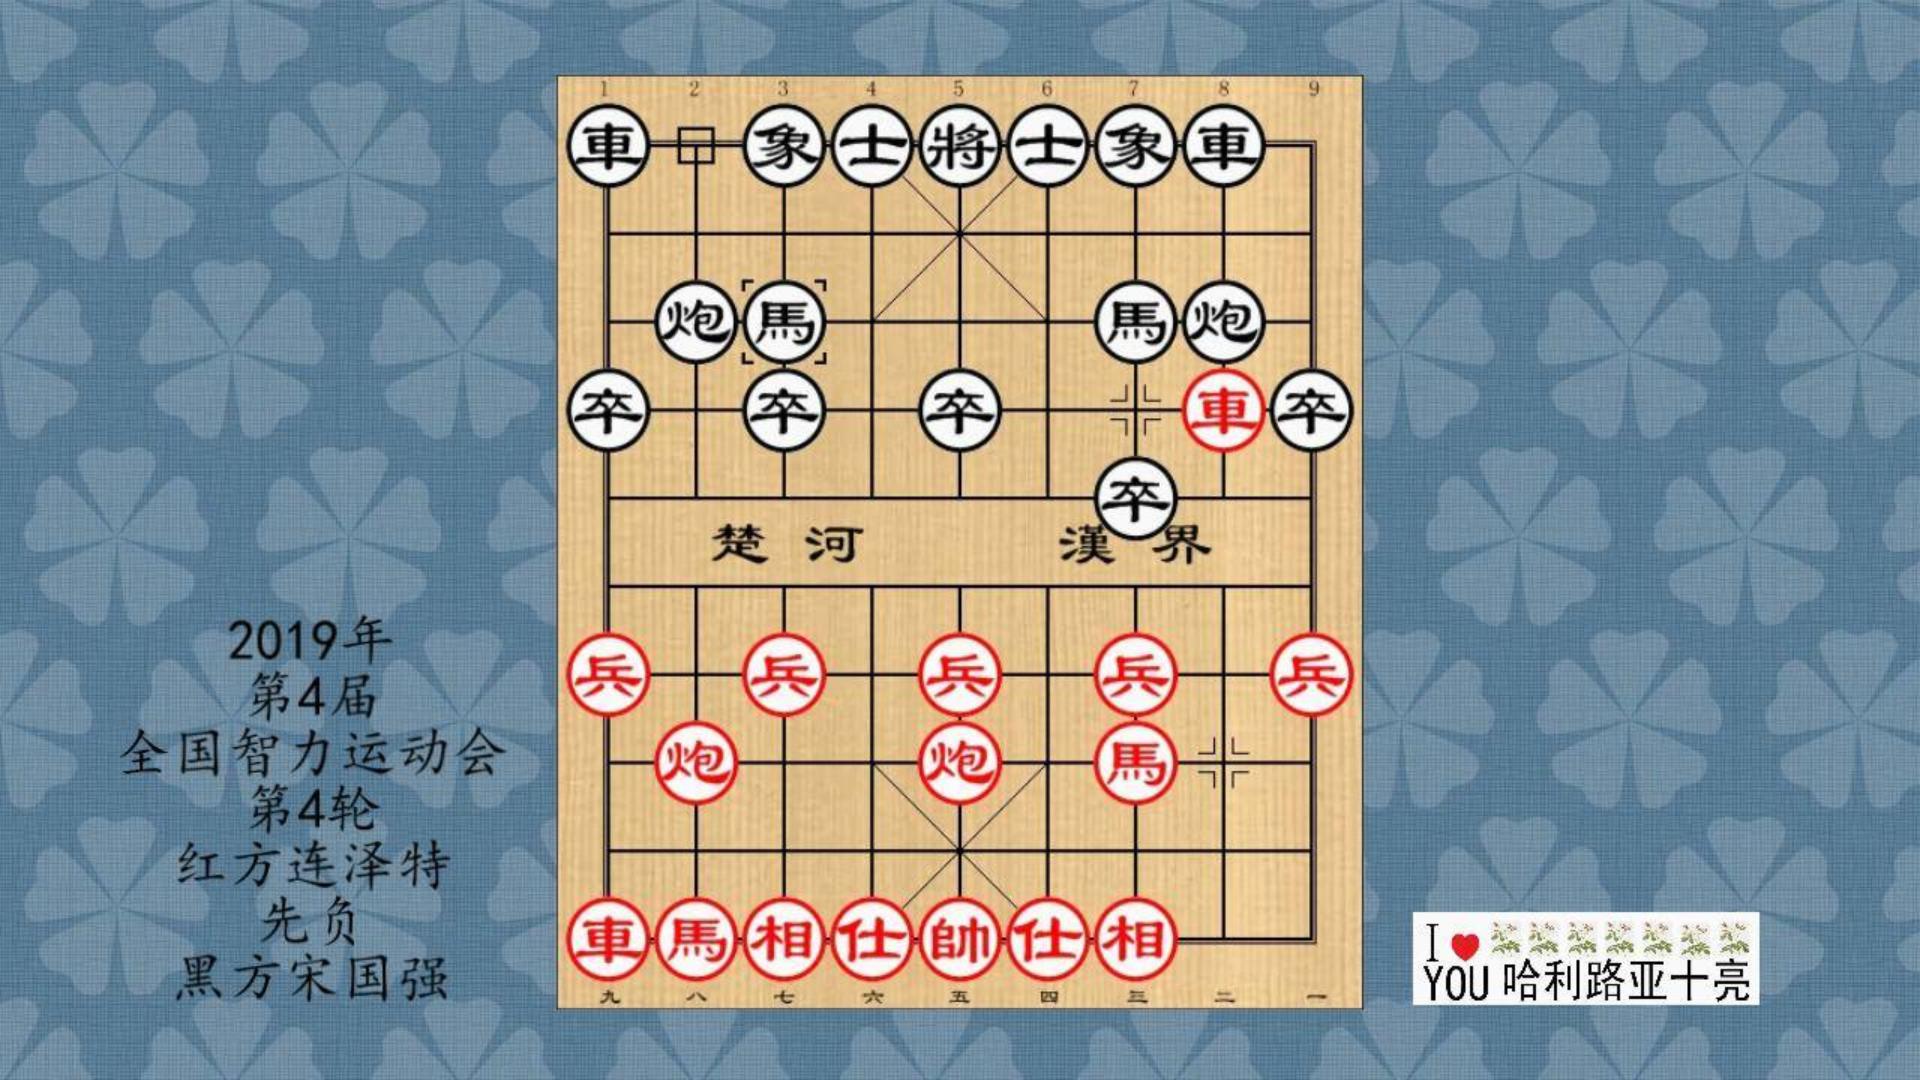 2019年第4届全国智力运动会象棋4轮,连泽特先负宋国强